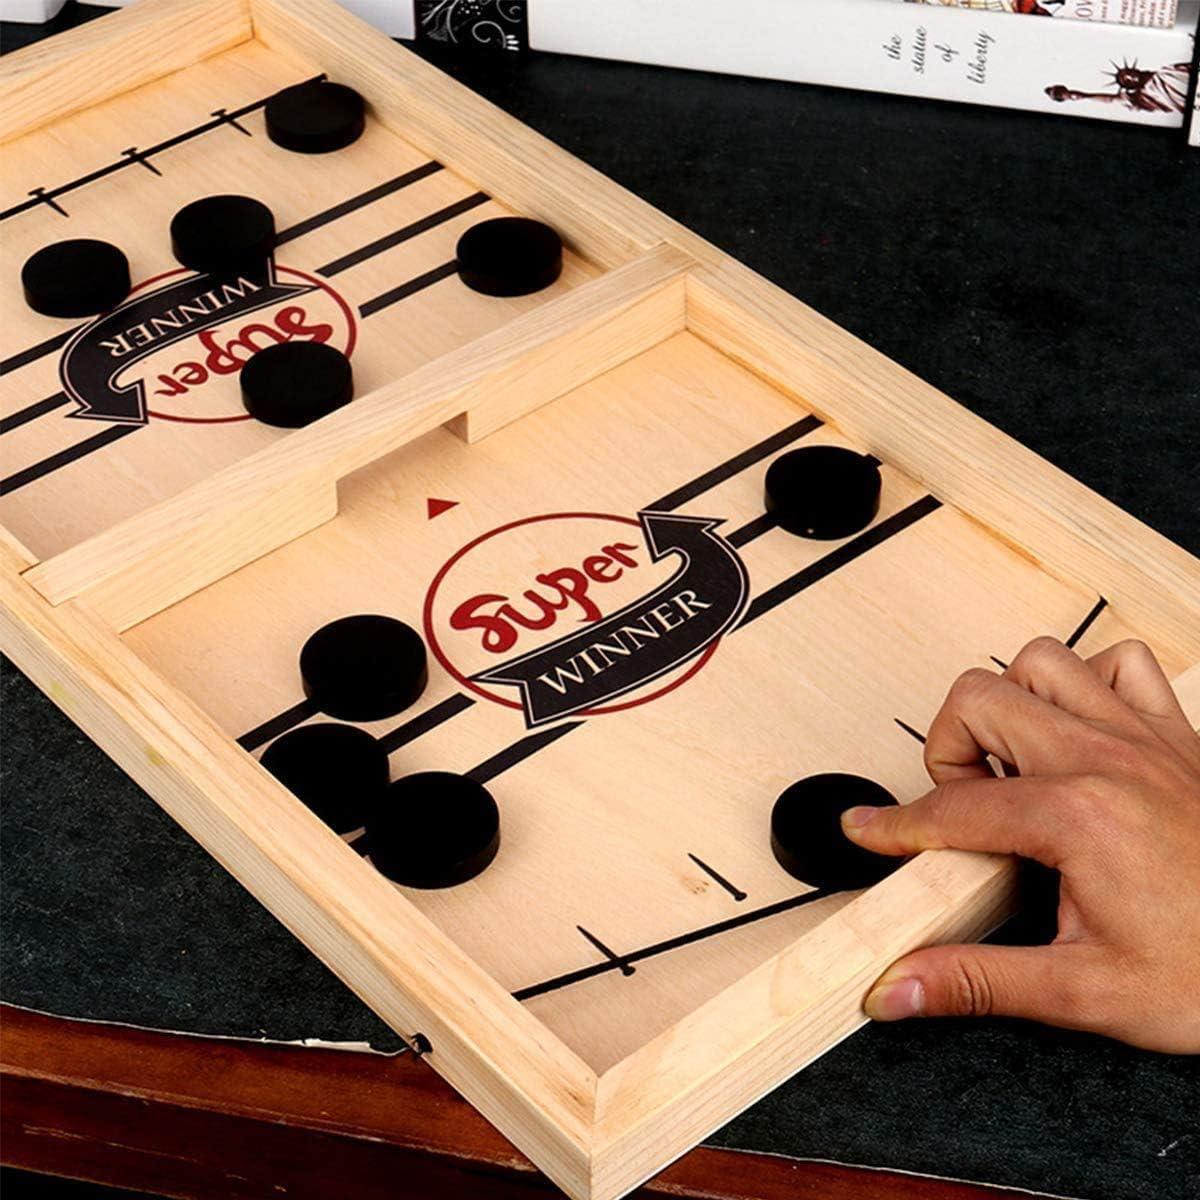 FunGatto Sling Puck Game, Mesa Slingpuck RáPido,Juguetes De Juegos ...